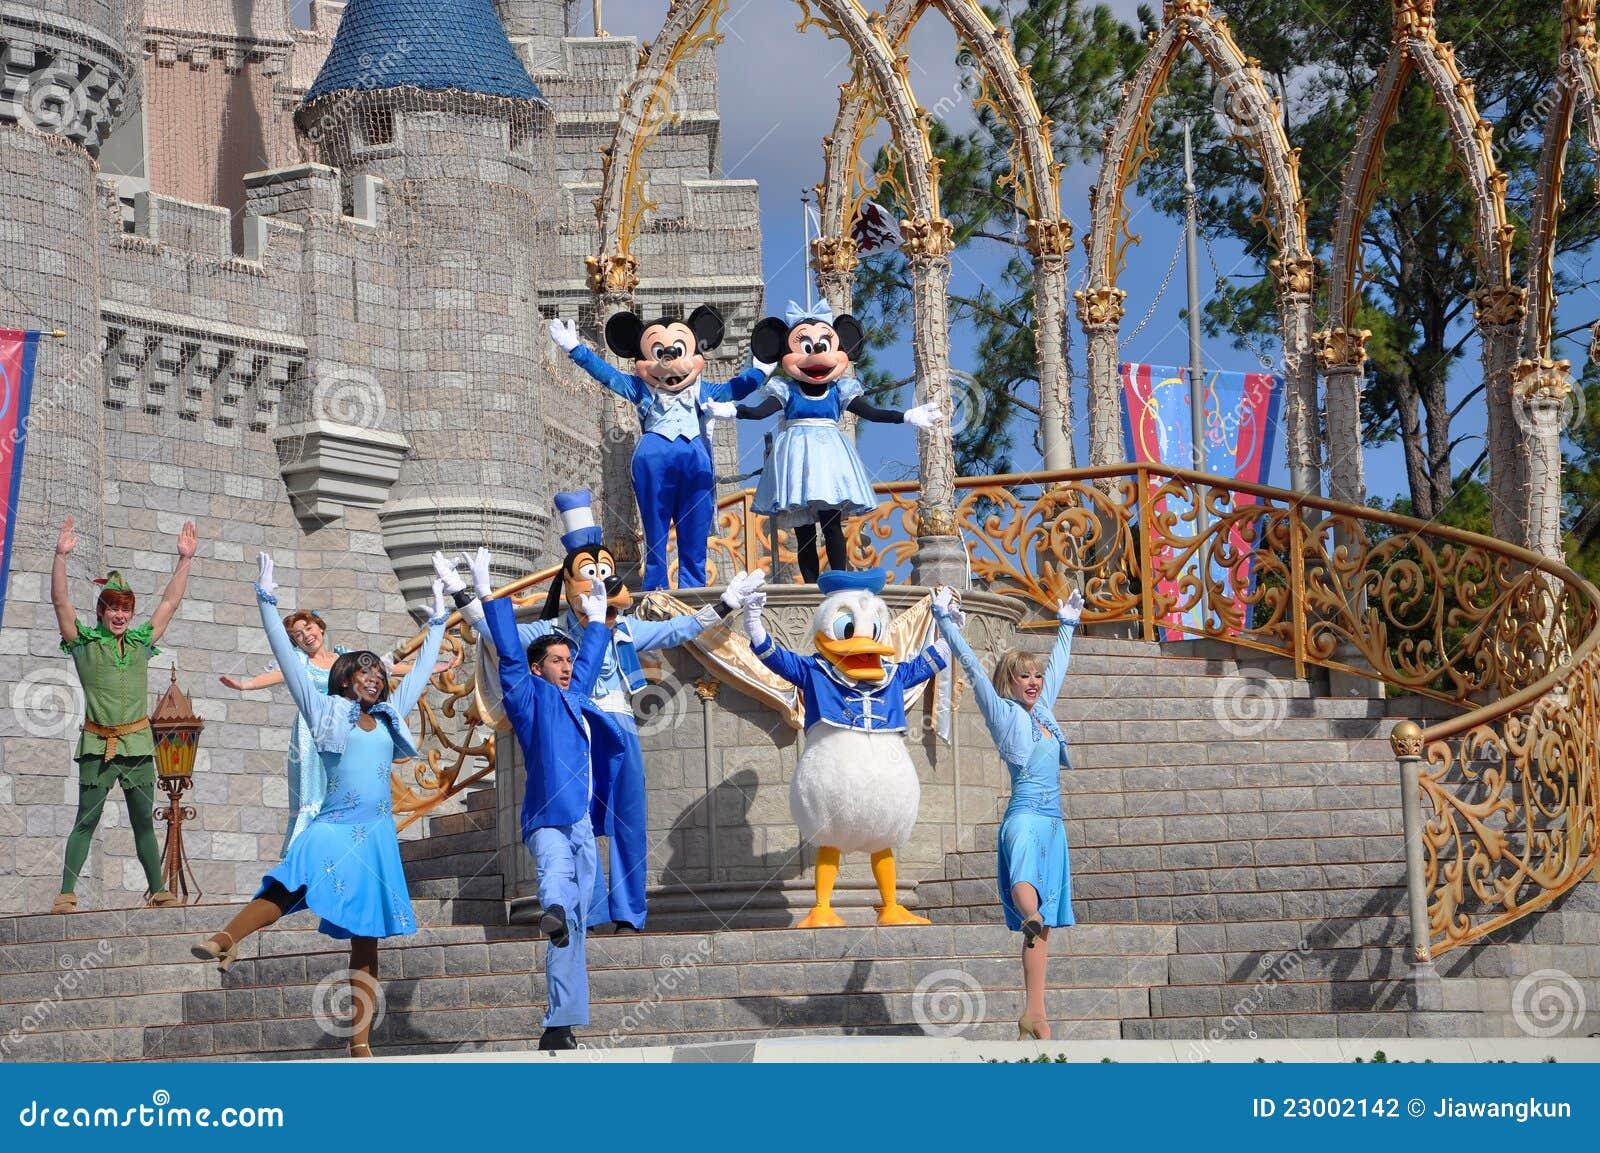 Sueño junto con la demostración de Mickey en el mundo de Disney